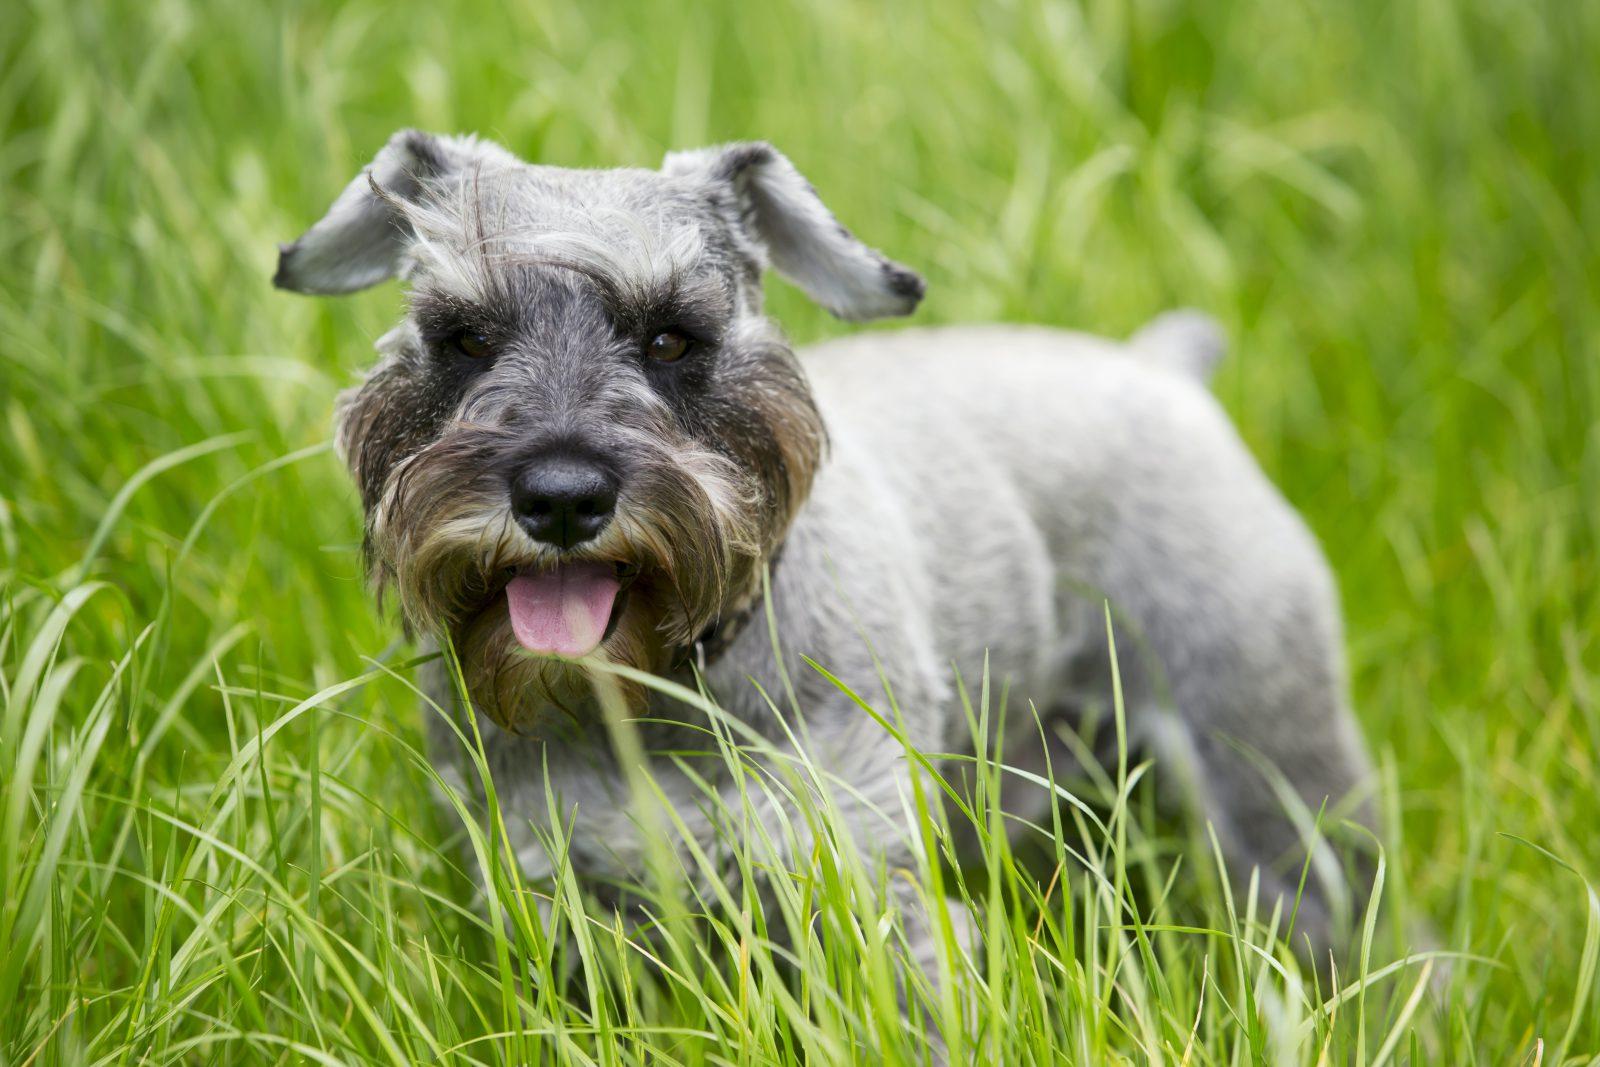 Cachorros de pequeno porte: Mini Schnauzer filhote no gramado do jardim.